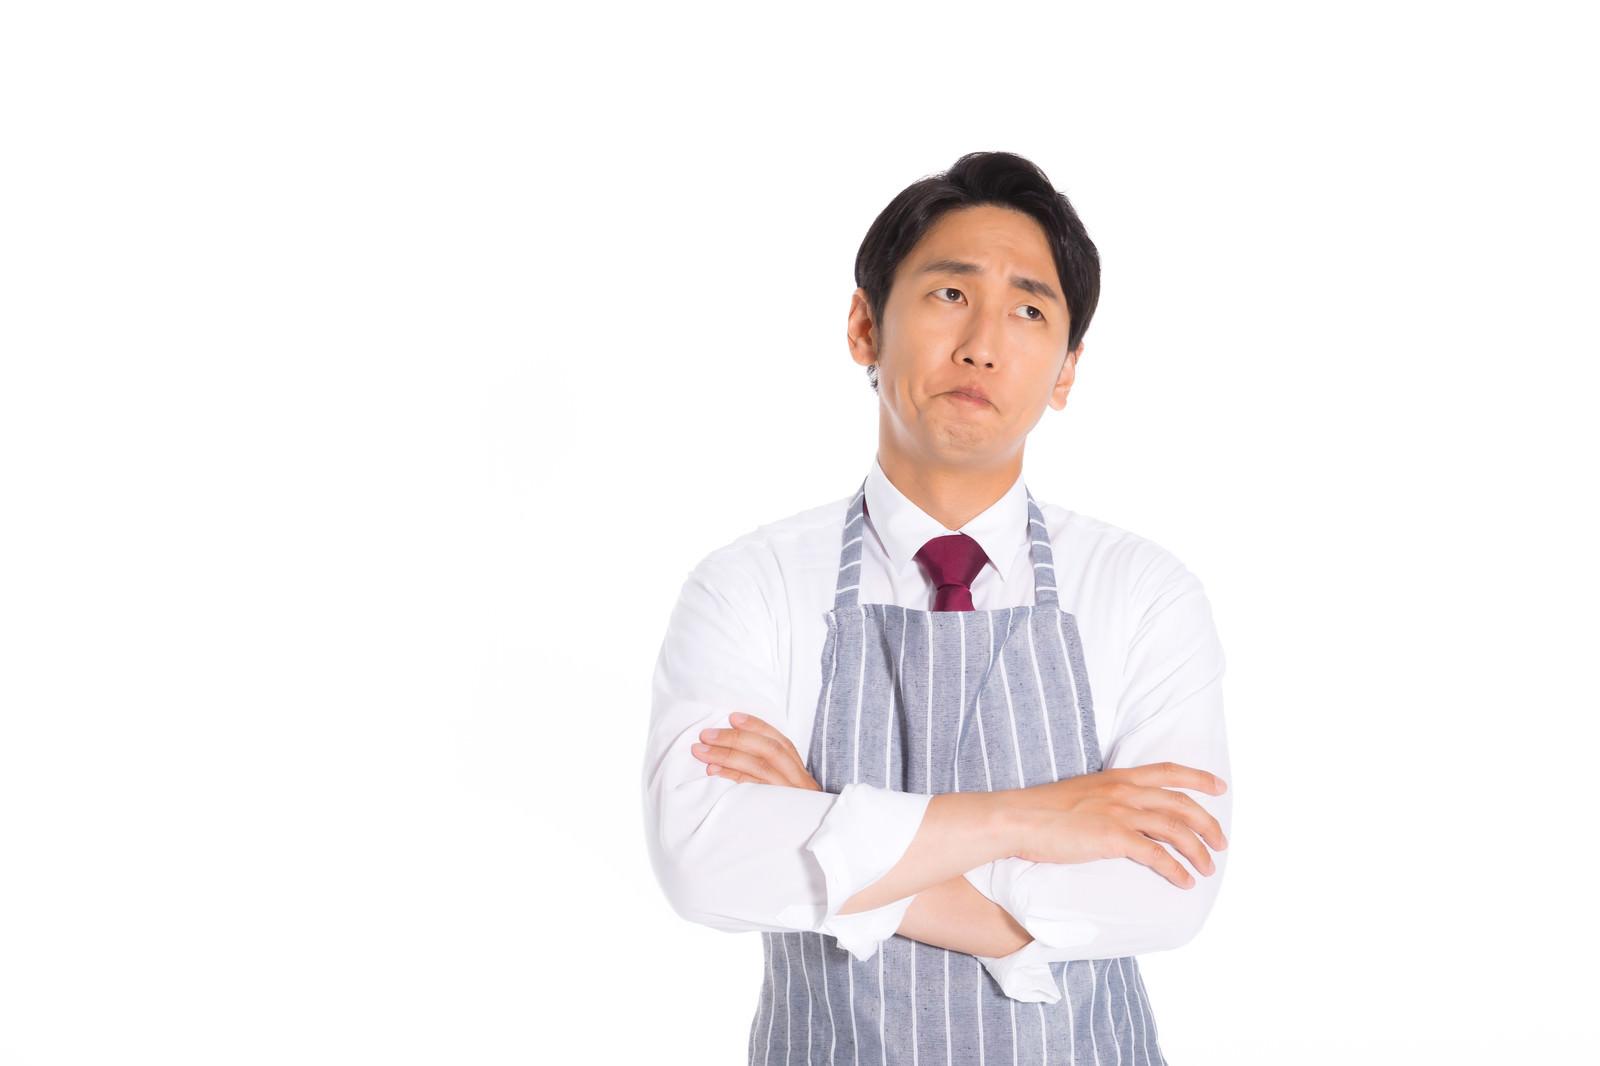 「エプロンを着用して考え込む営業マン」の写真[モデル:大川竜弥]